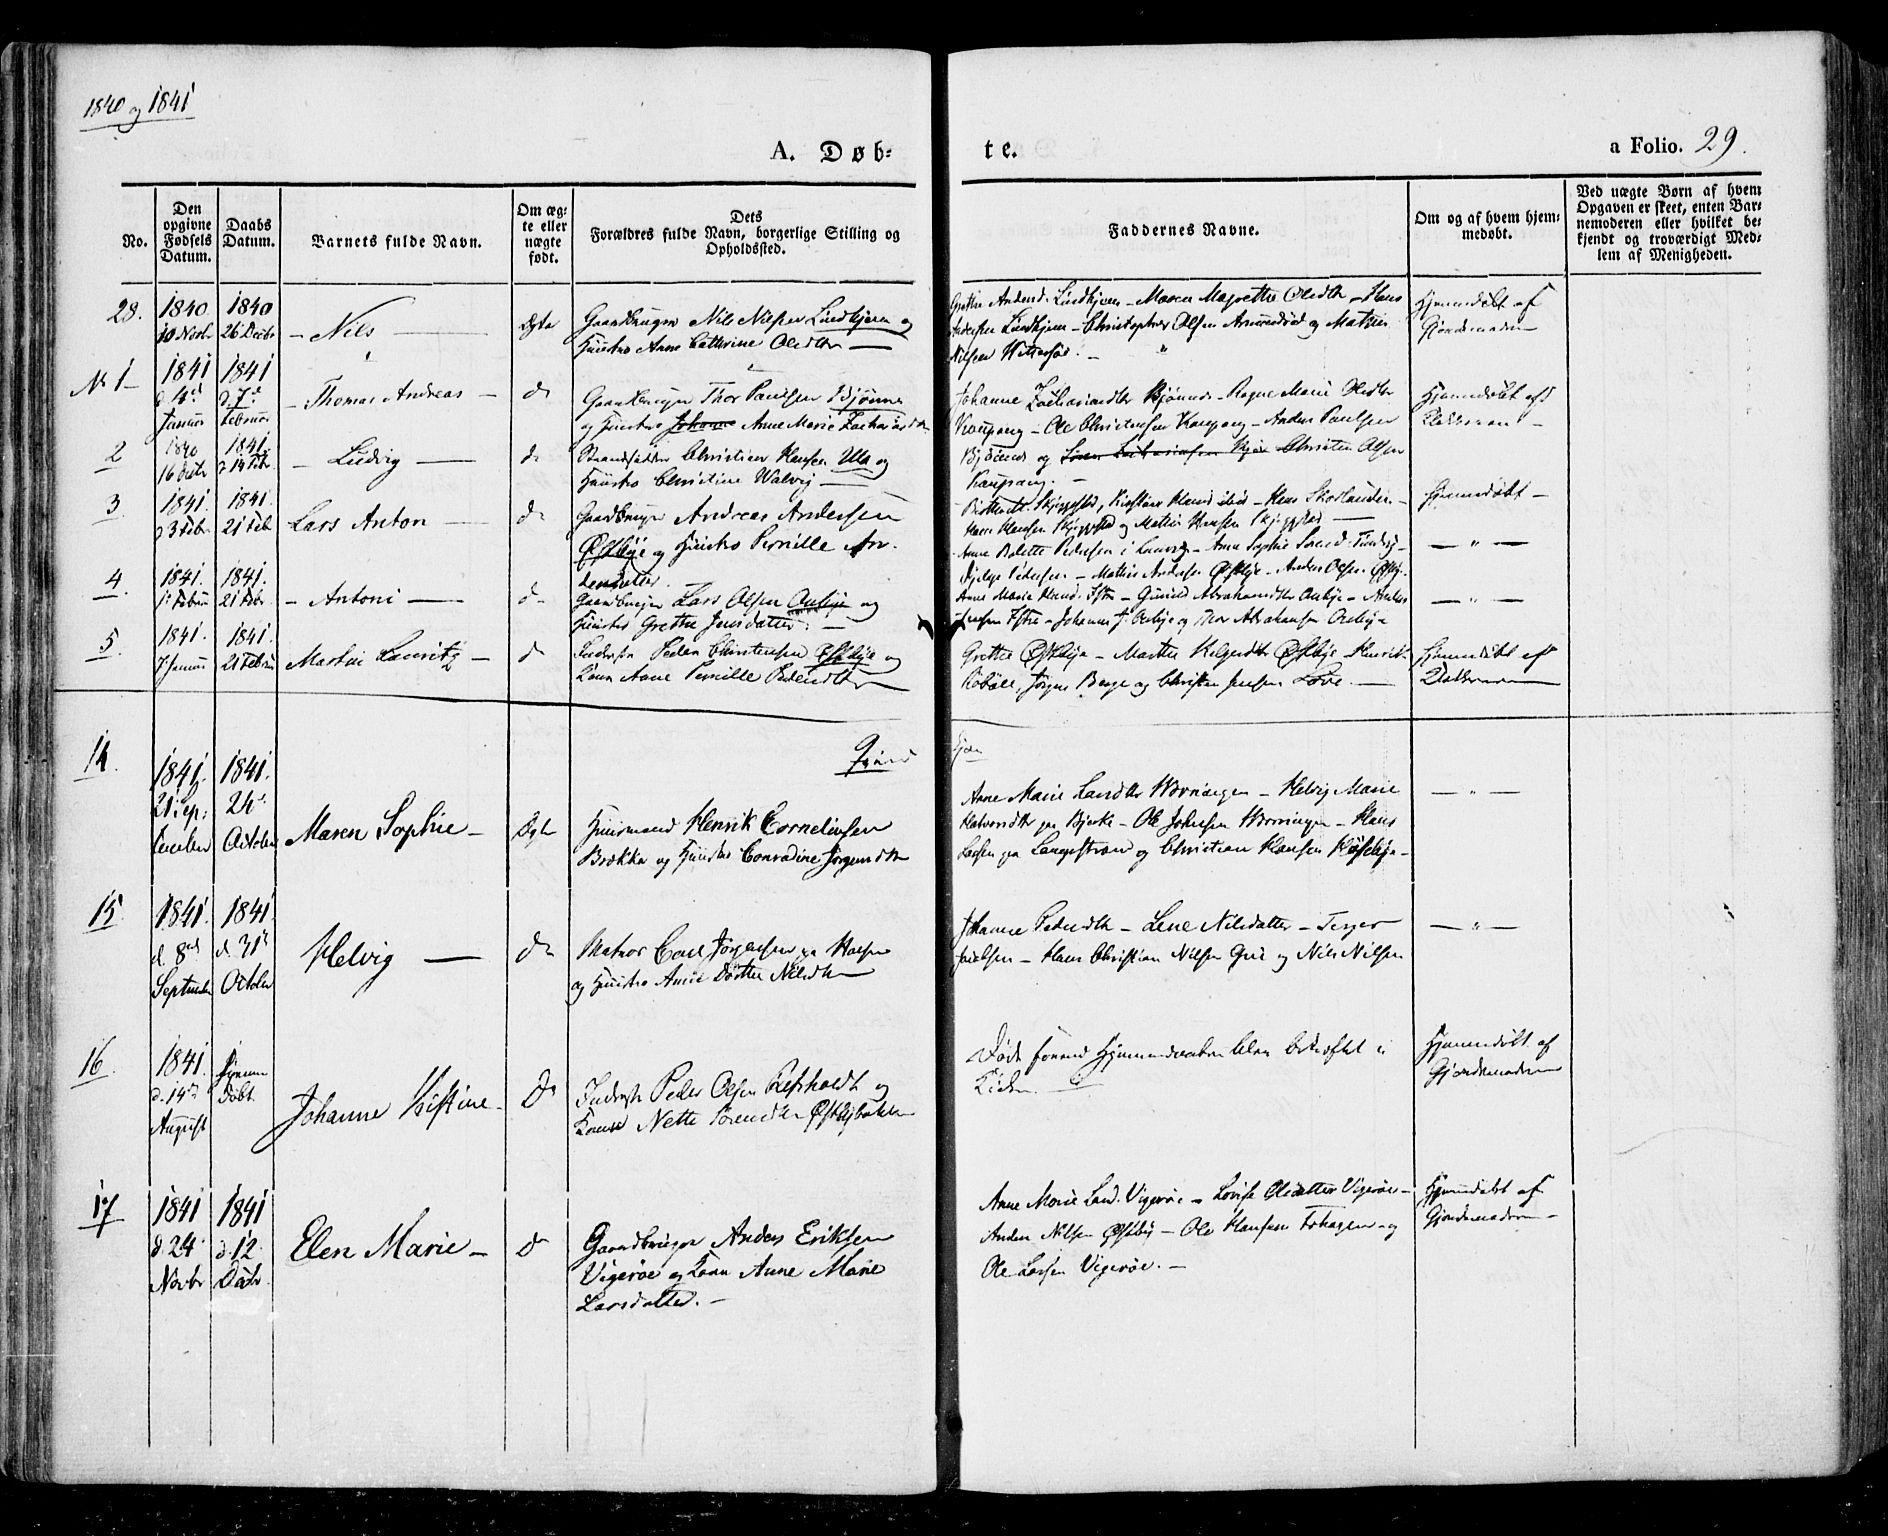 SAKO, Tjølling kirkebøker, F/Fa/L0006: Parish register (official) no. 6, 1835-1859, p. 29